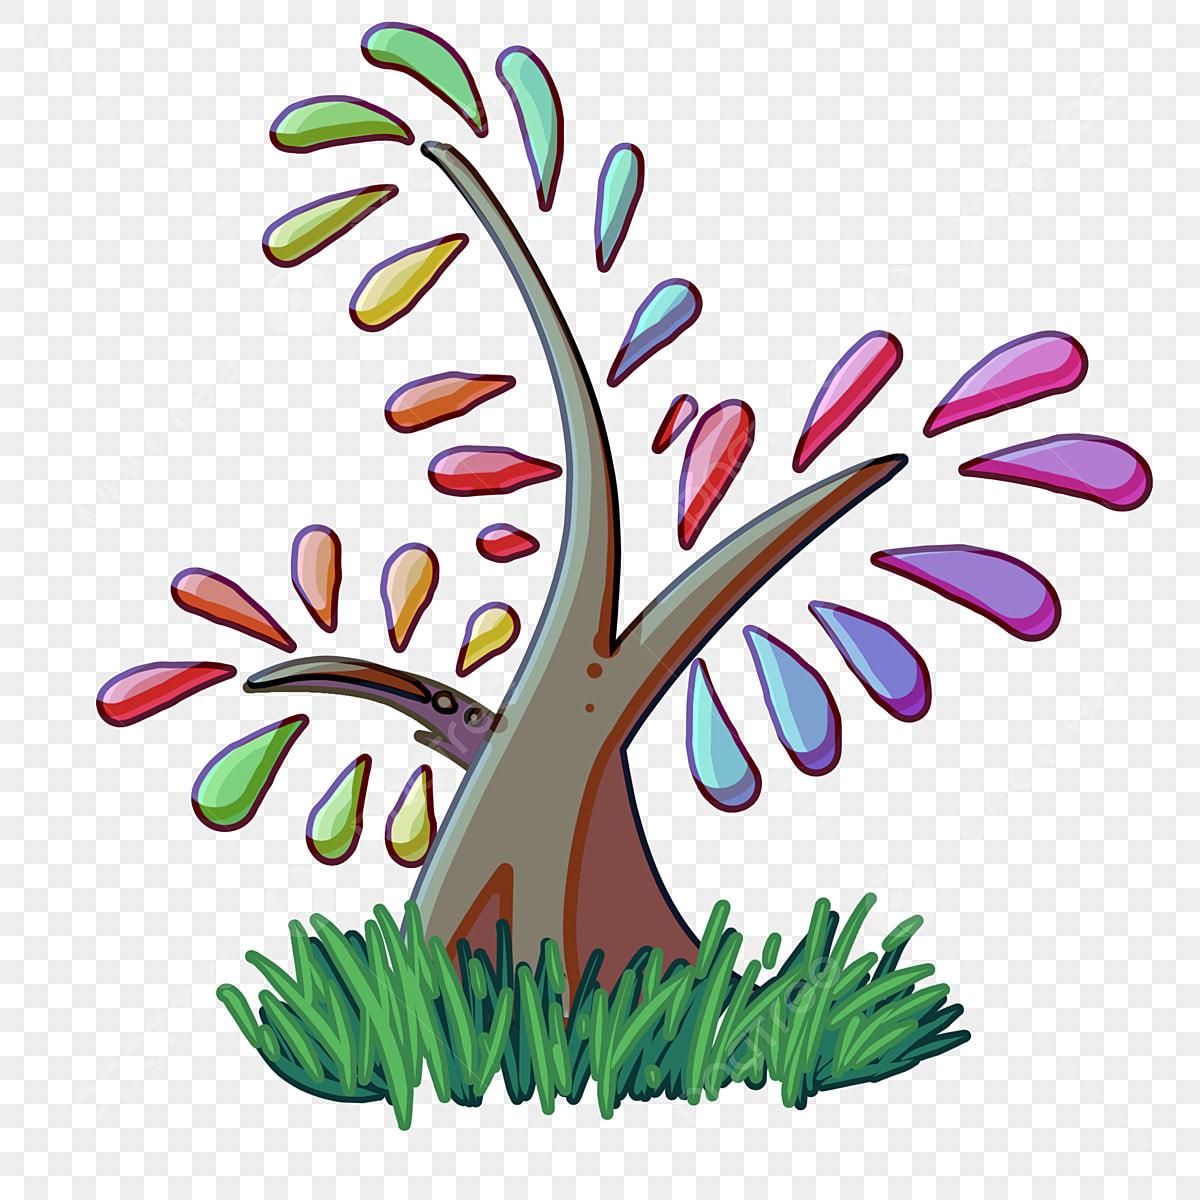 Árboles De Dibujos Animados Hierba Verde Hojas De Colores árboles  Creativos, Rojo, Hierba Verde, Hojas Destacadas PNG y PSD para Descargar  Gratis | Pngtree